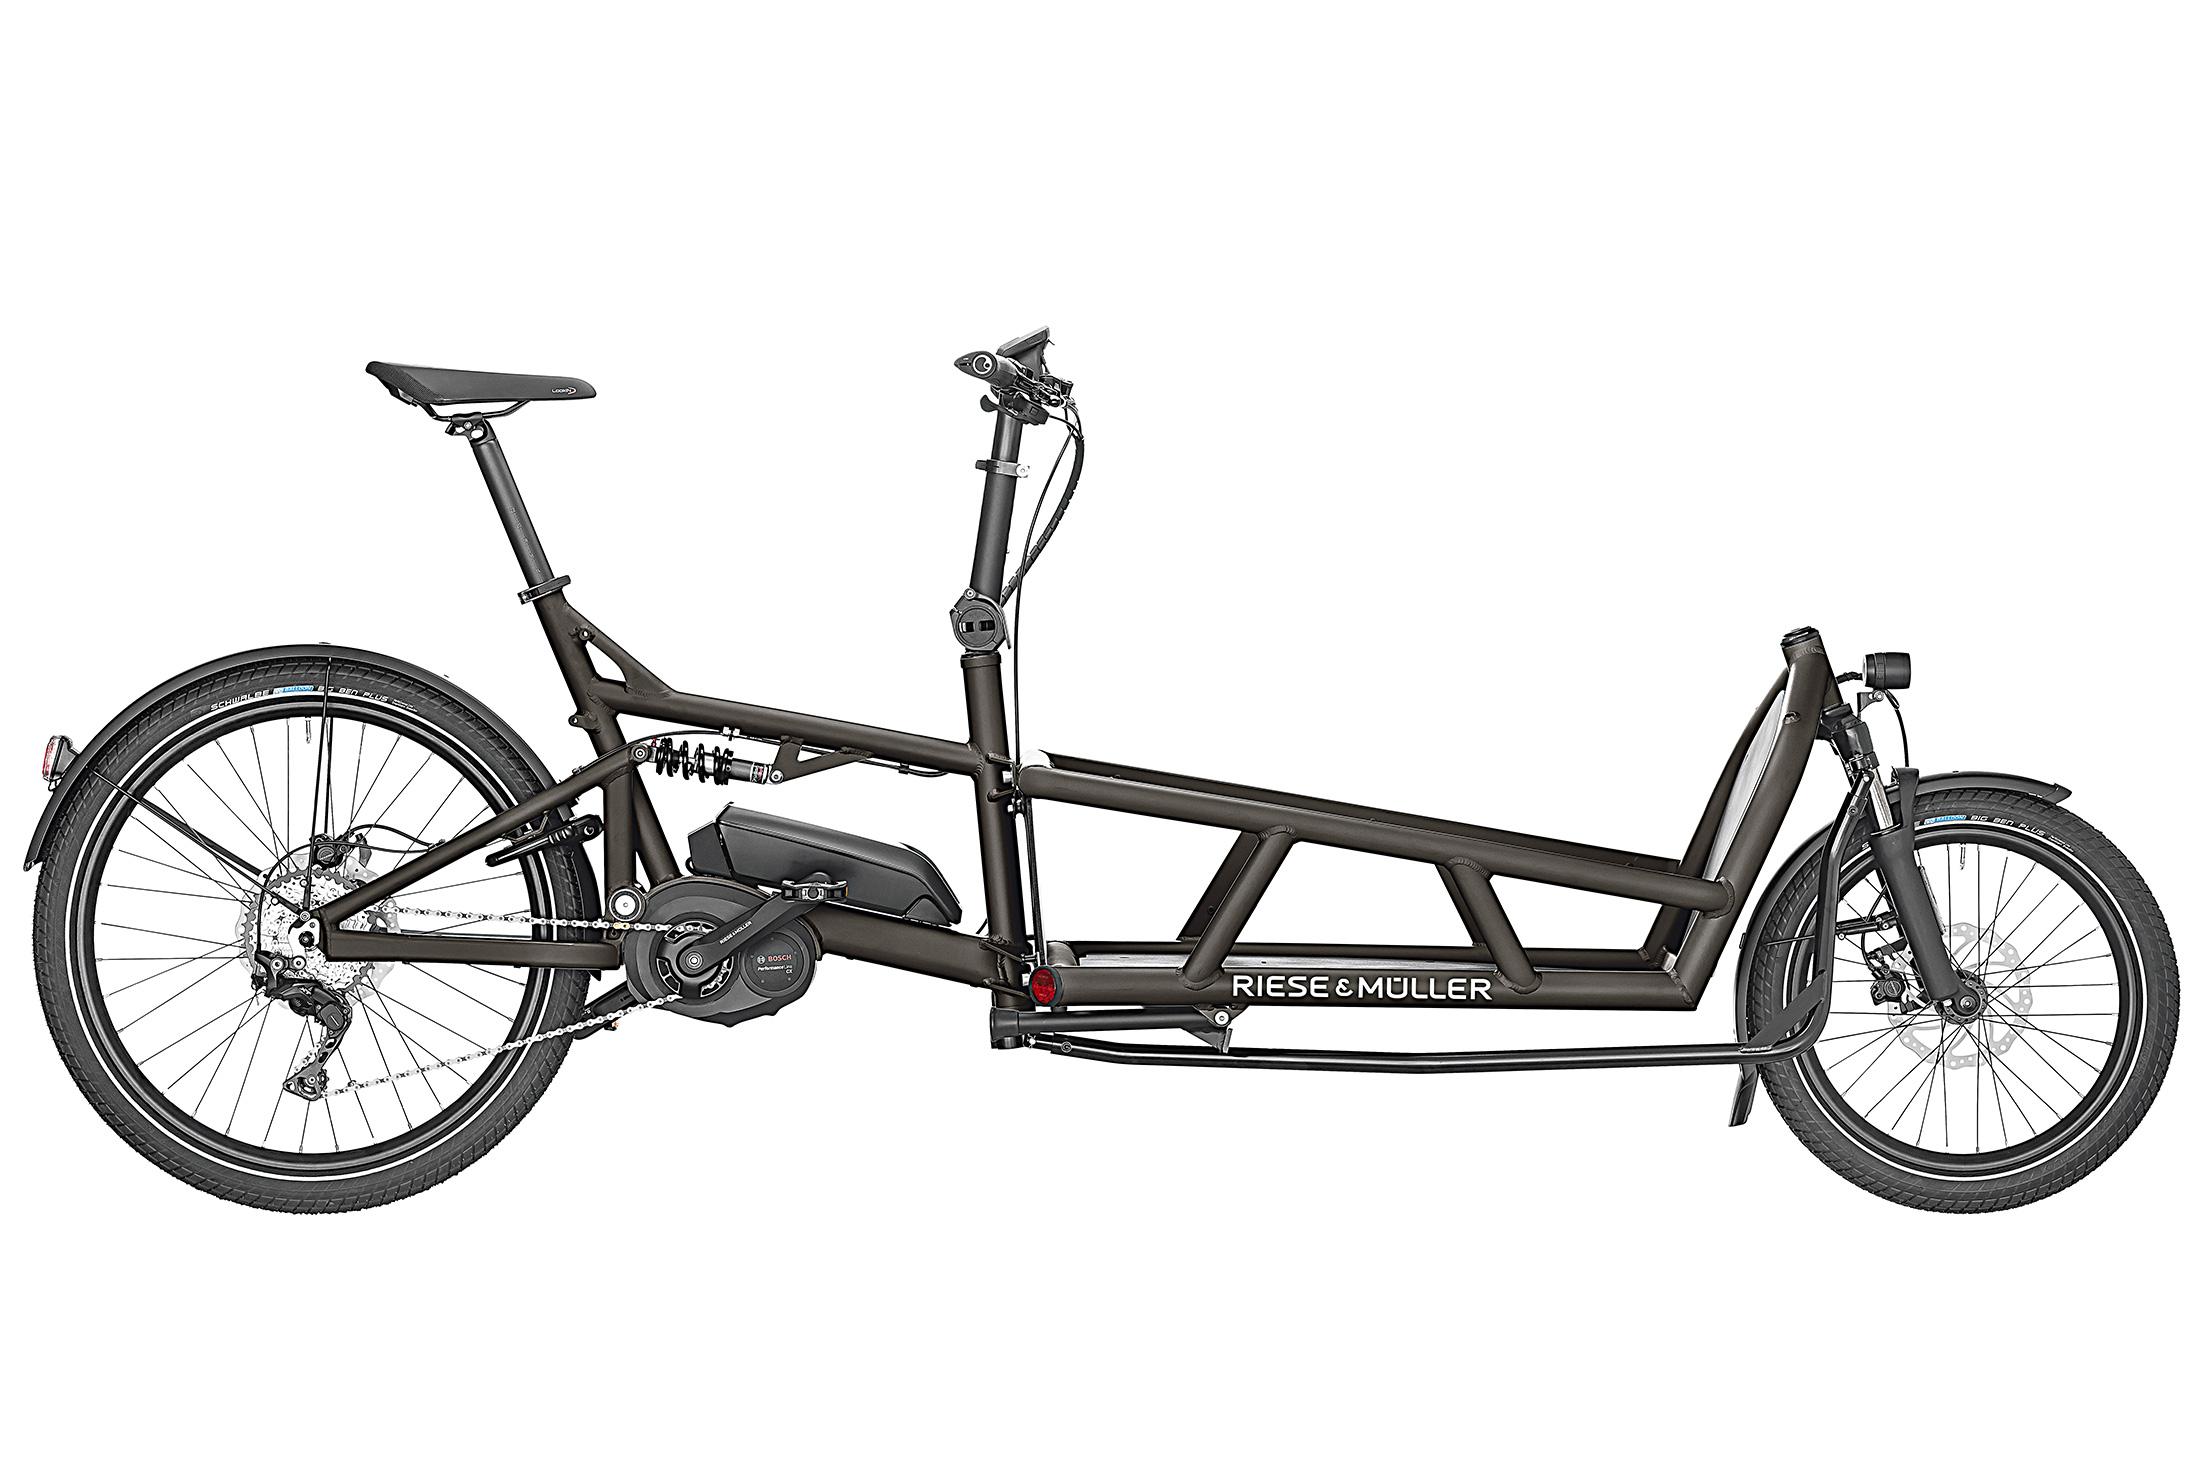 Vélo électrique Riese & Muller Load 75 2019